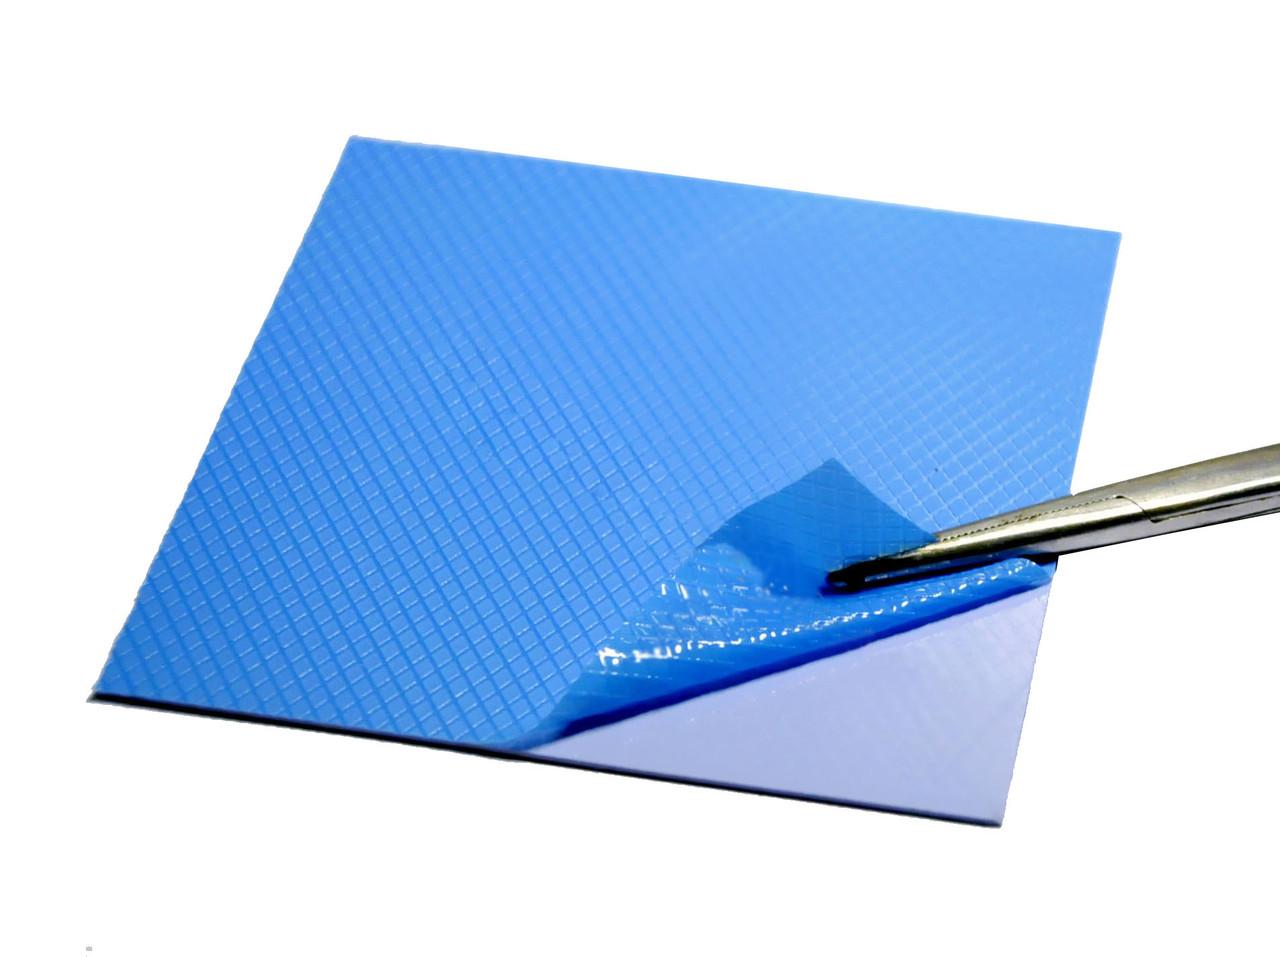 Термопрокладка 3KS 3K800 G10 0.5мм 100x100 синяя 8 Вт/(м*К)/mk термоинтерфейс для ноутбука (TPr-3K8W-G10)